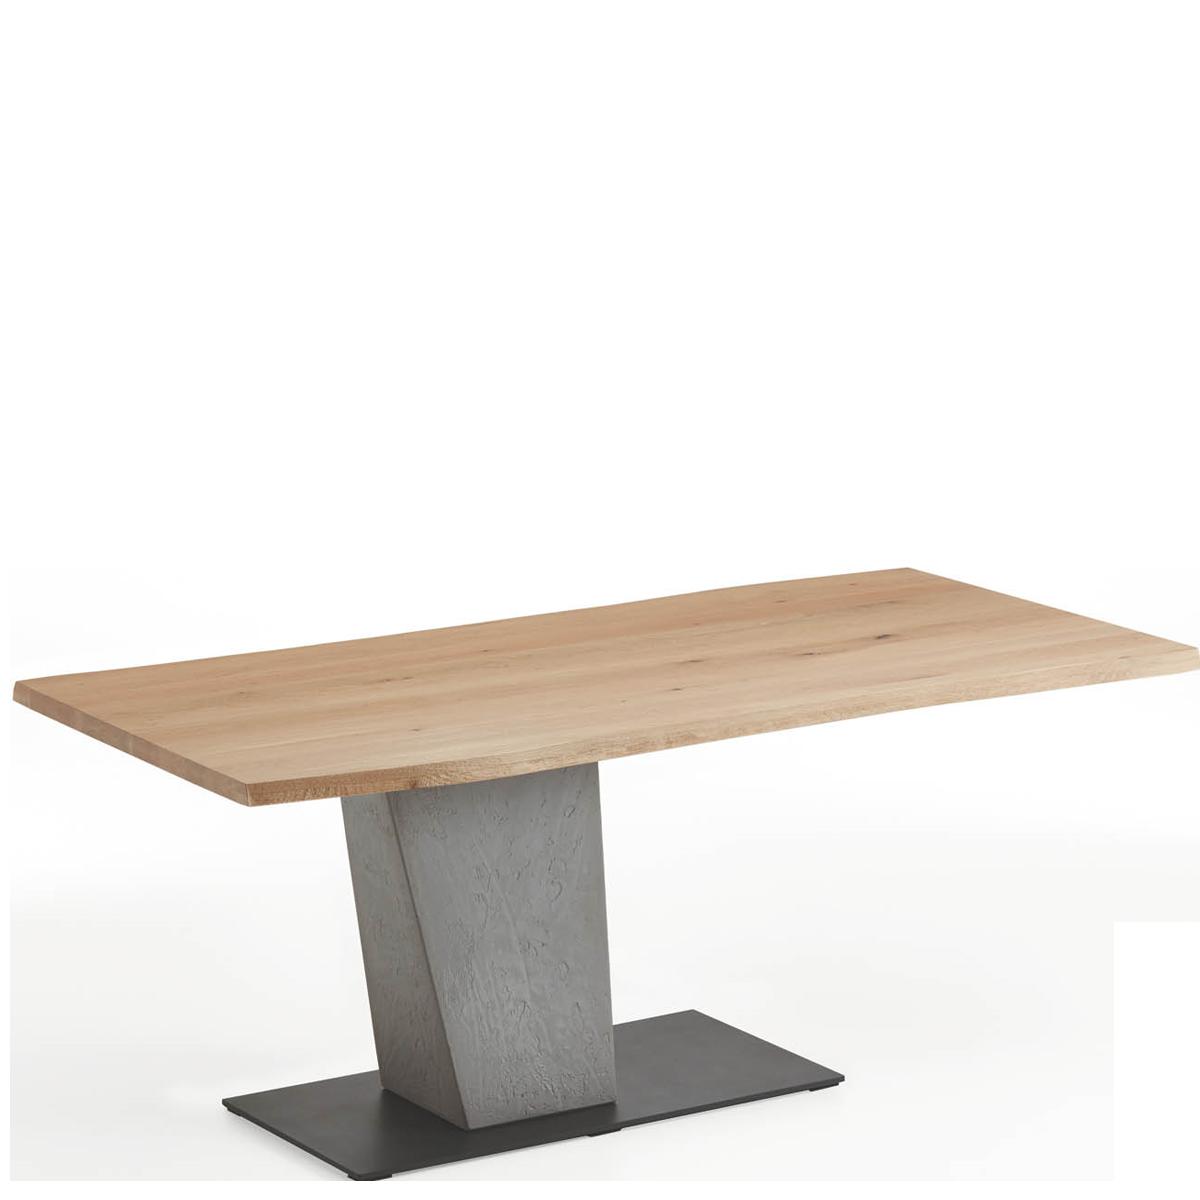 Hartmann Brik Esstisch Mit Tischplatte In Massivholz Gebürstet Säule